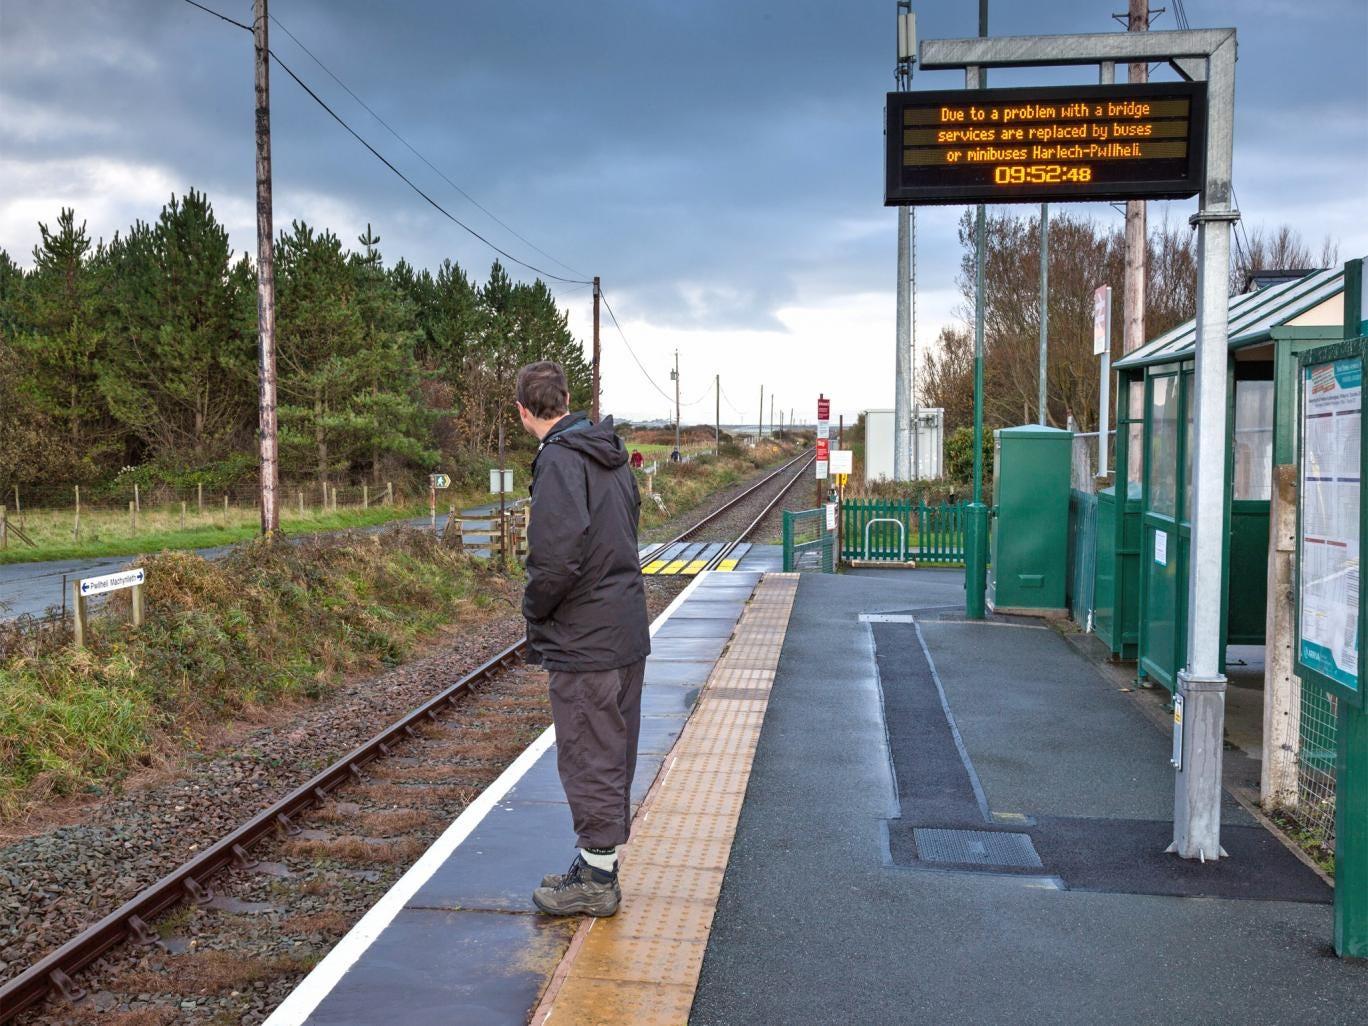 Tonfanau station in Gwynedd, Wales